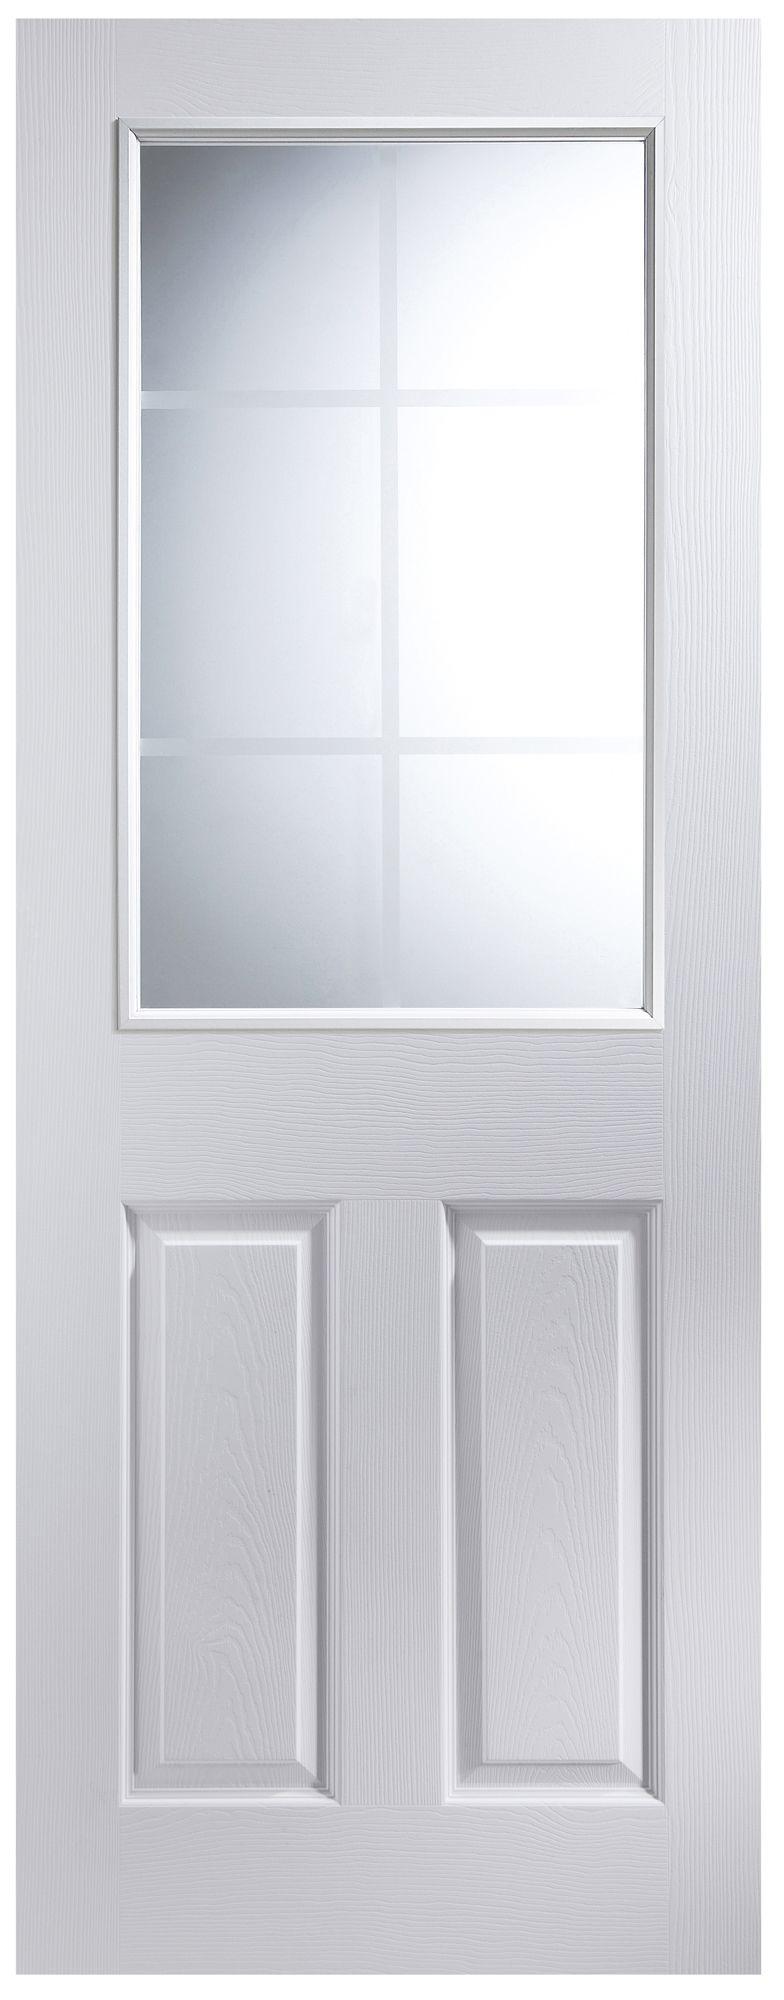 6 panel primed smooth internal unglazed door h 2040mm w. Black Bedroom Furniture Sets. Home Design Ideas